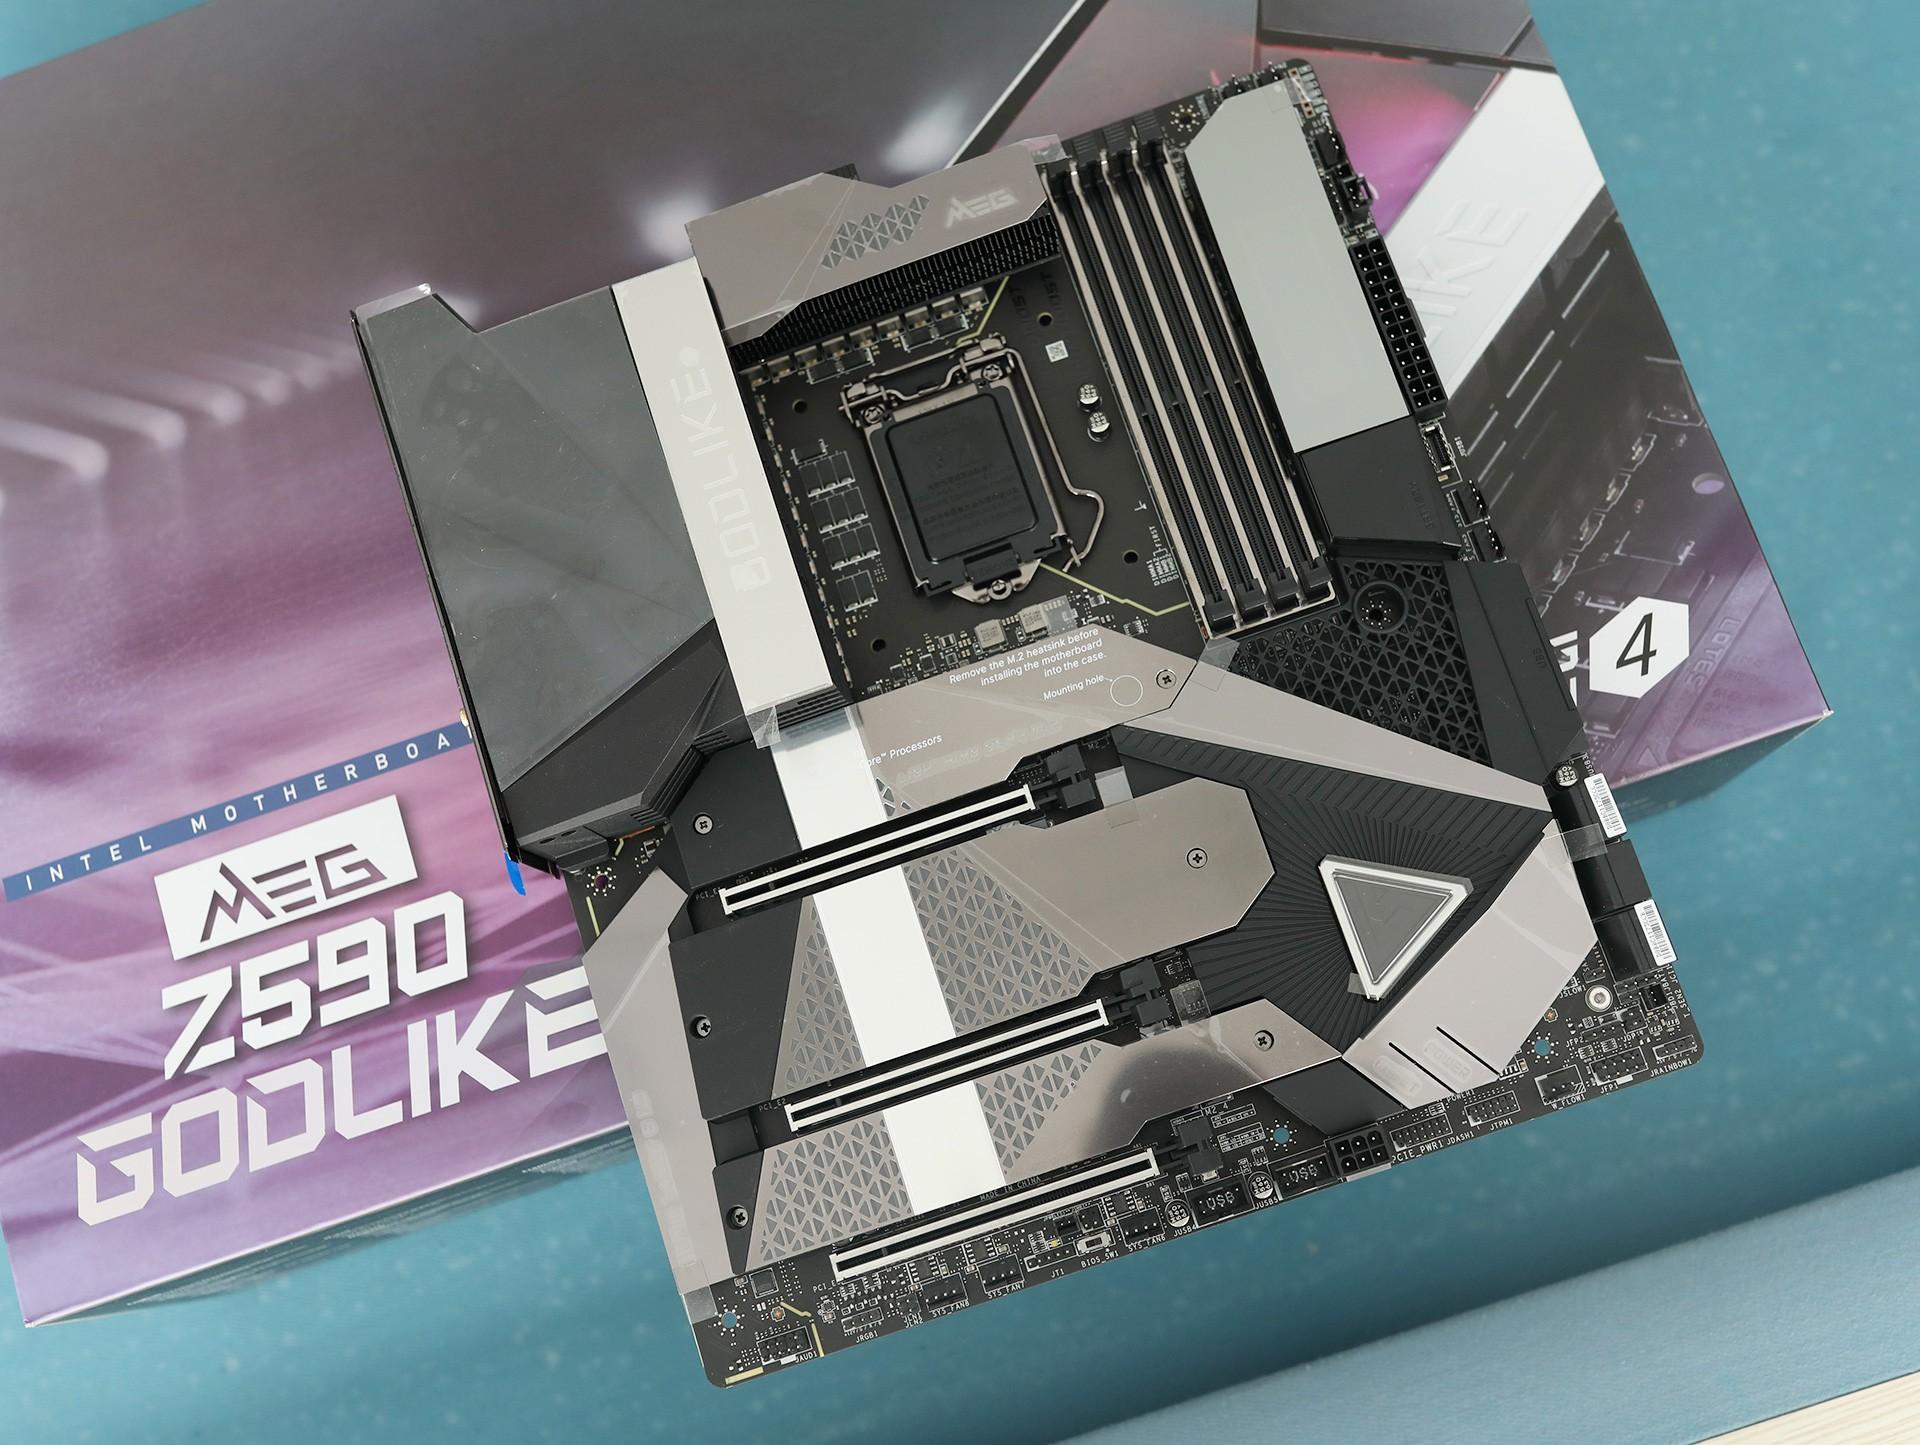 MSI Z590 GOLIKE